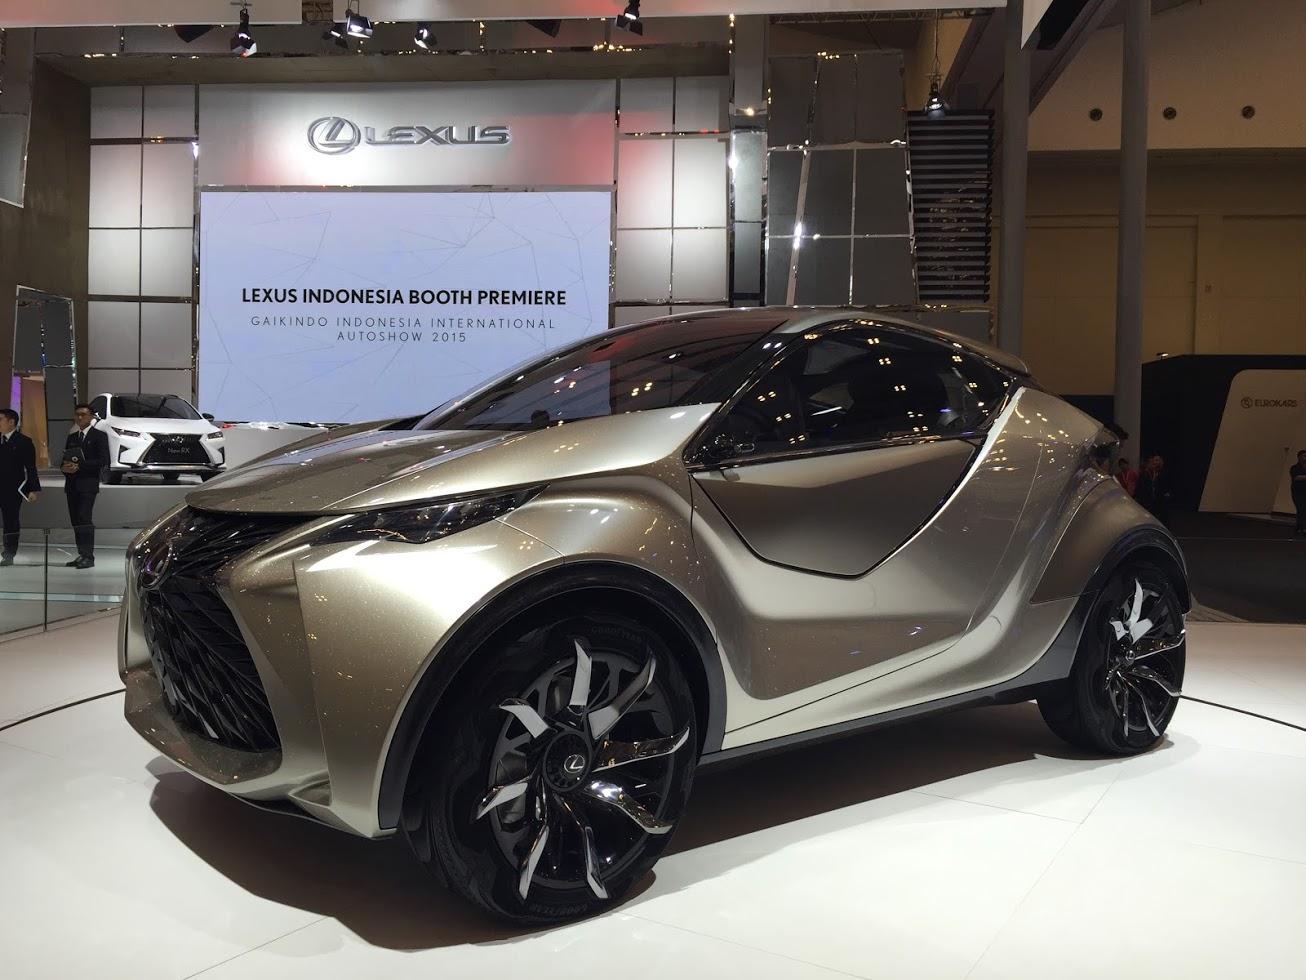 Lexus LFSA - Concept Car FOTO: ROBERT ADHI KUSUMAPUTRA